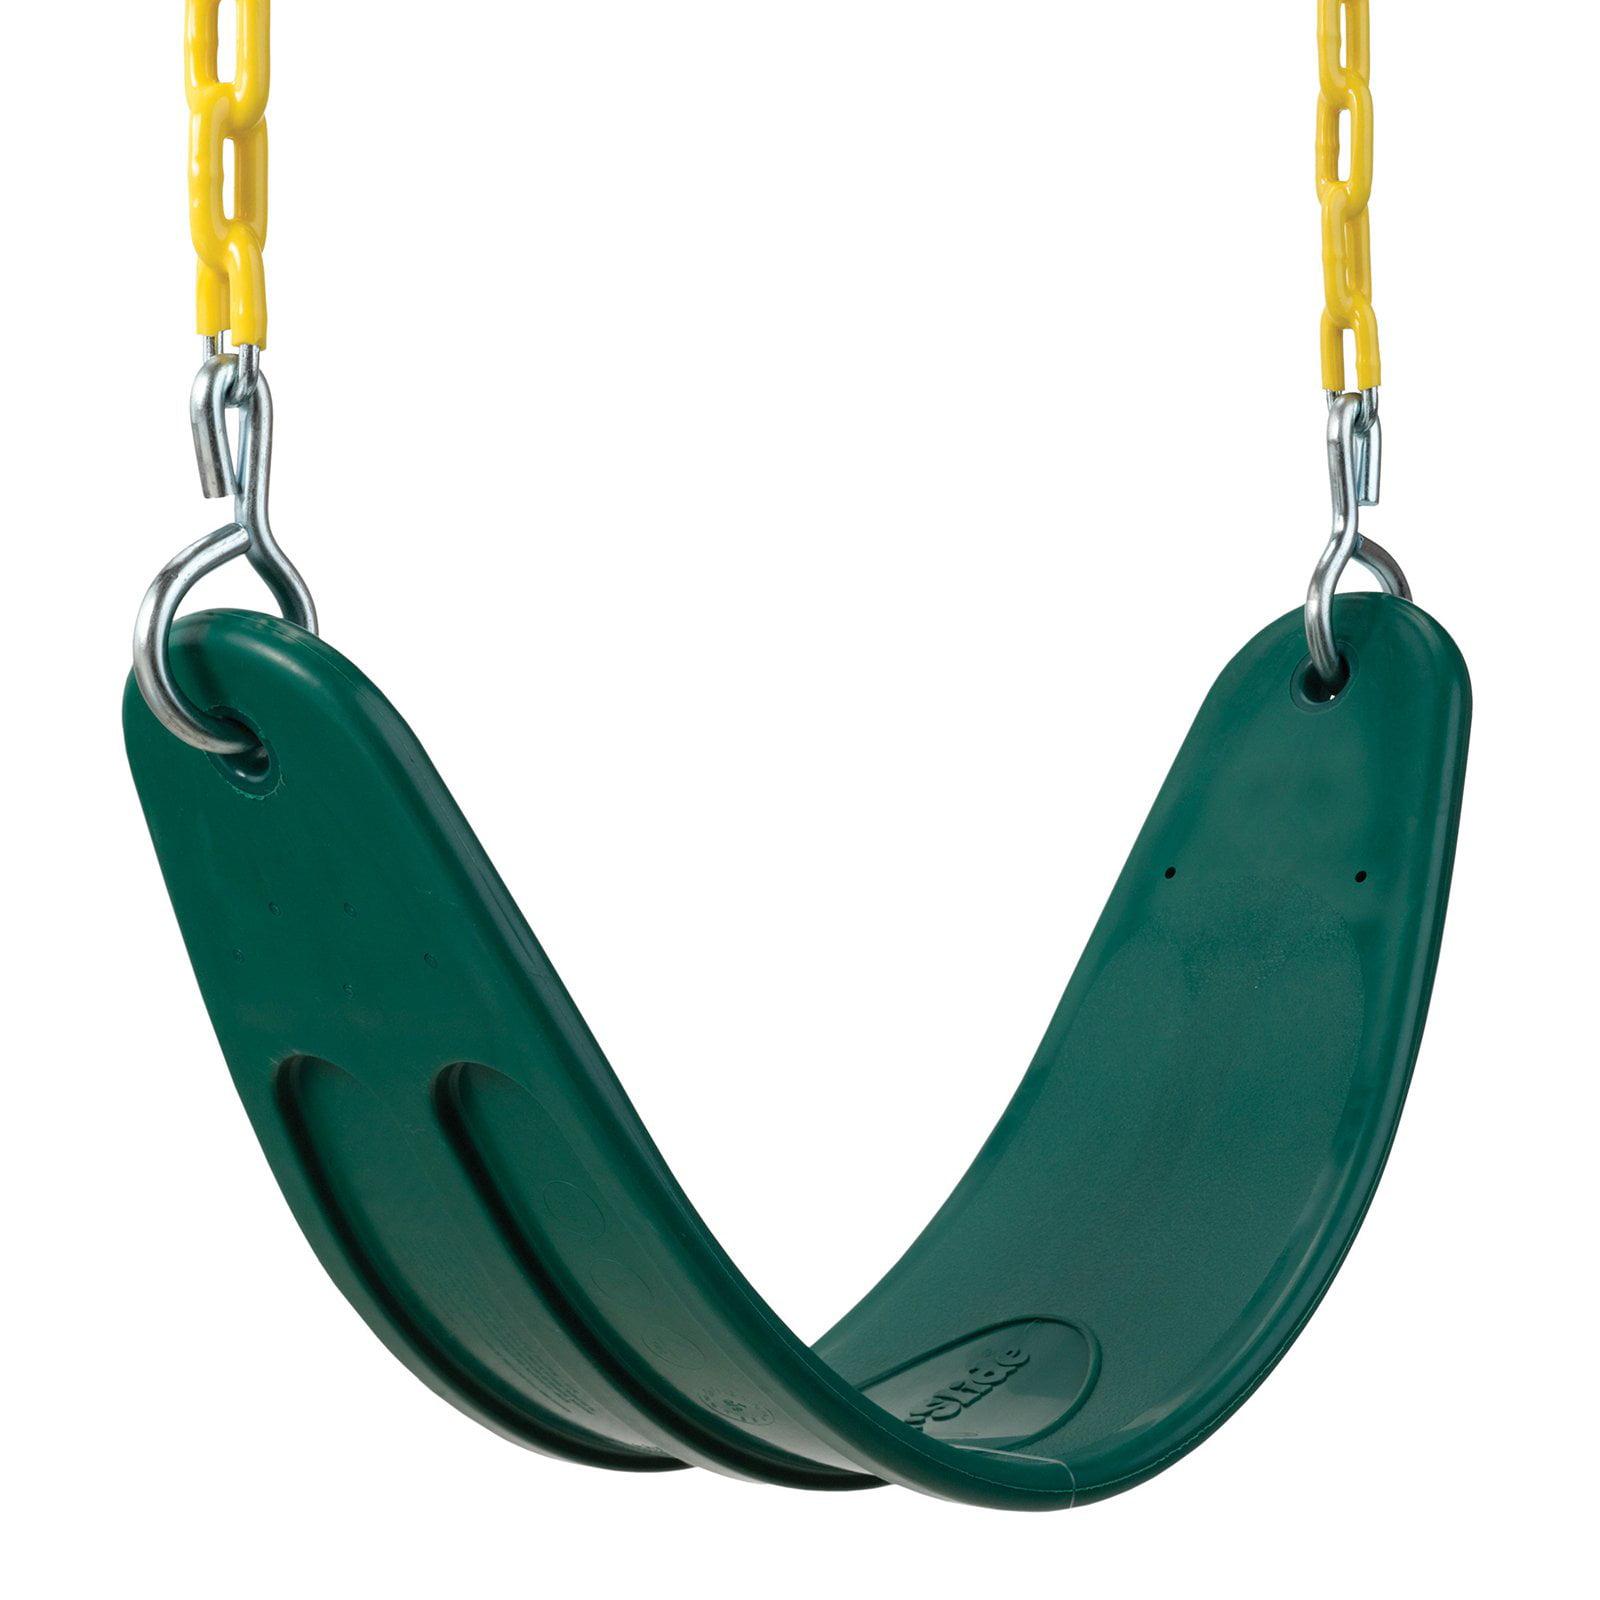 Swing-N-Slide Extra-Duty Swing Seat